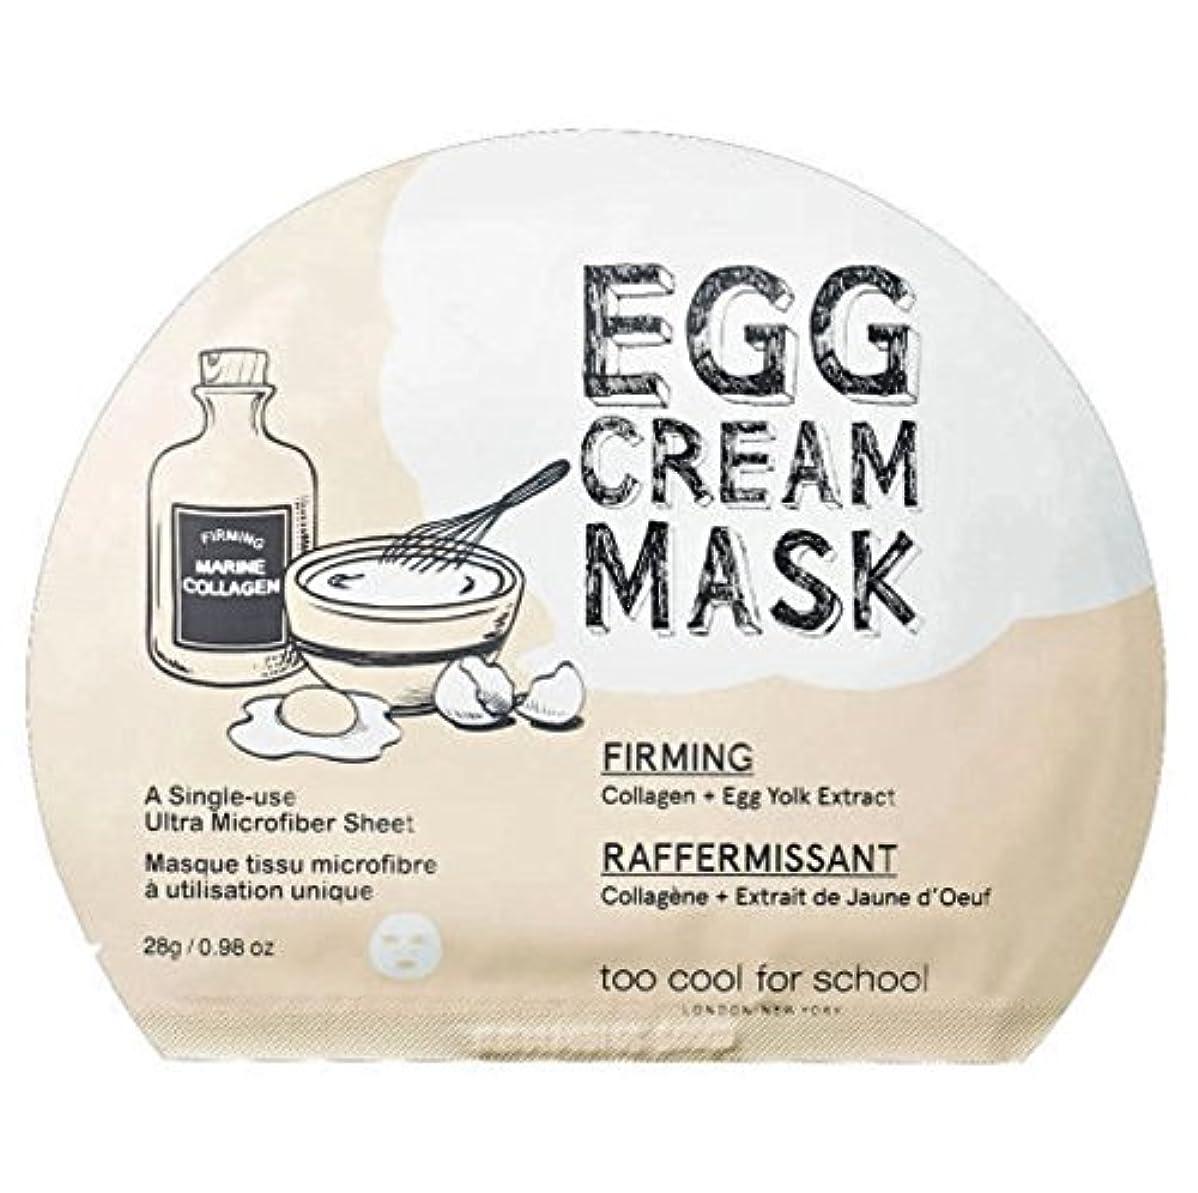 意志血船上[New] too cool for school Egg Cream Mask (Firming) 28g × 5ea/トゥークール フォースクール エッグ クリーム マスク (ファーミング) 28g × 5枚